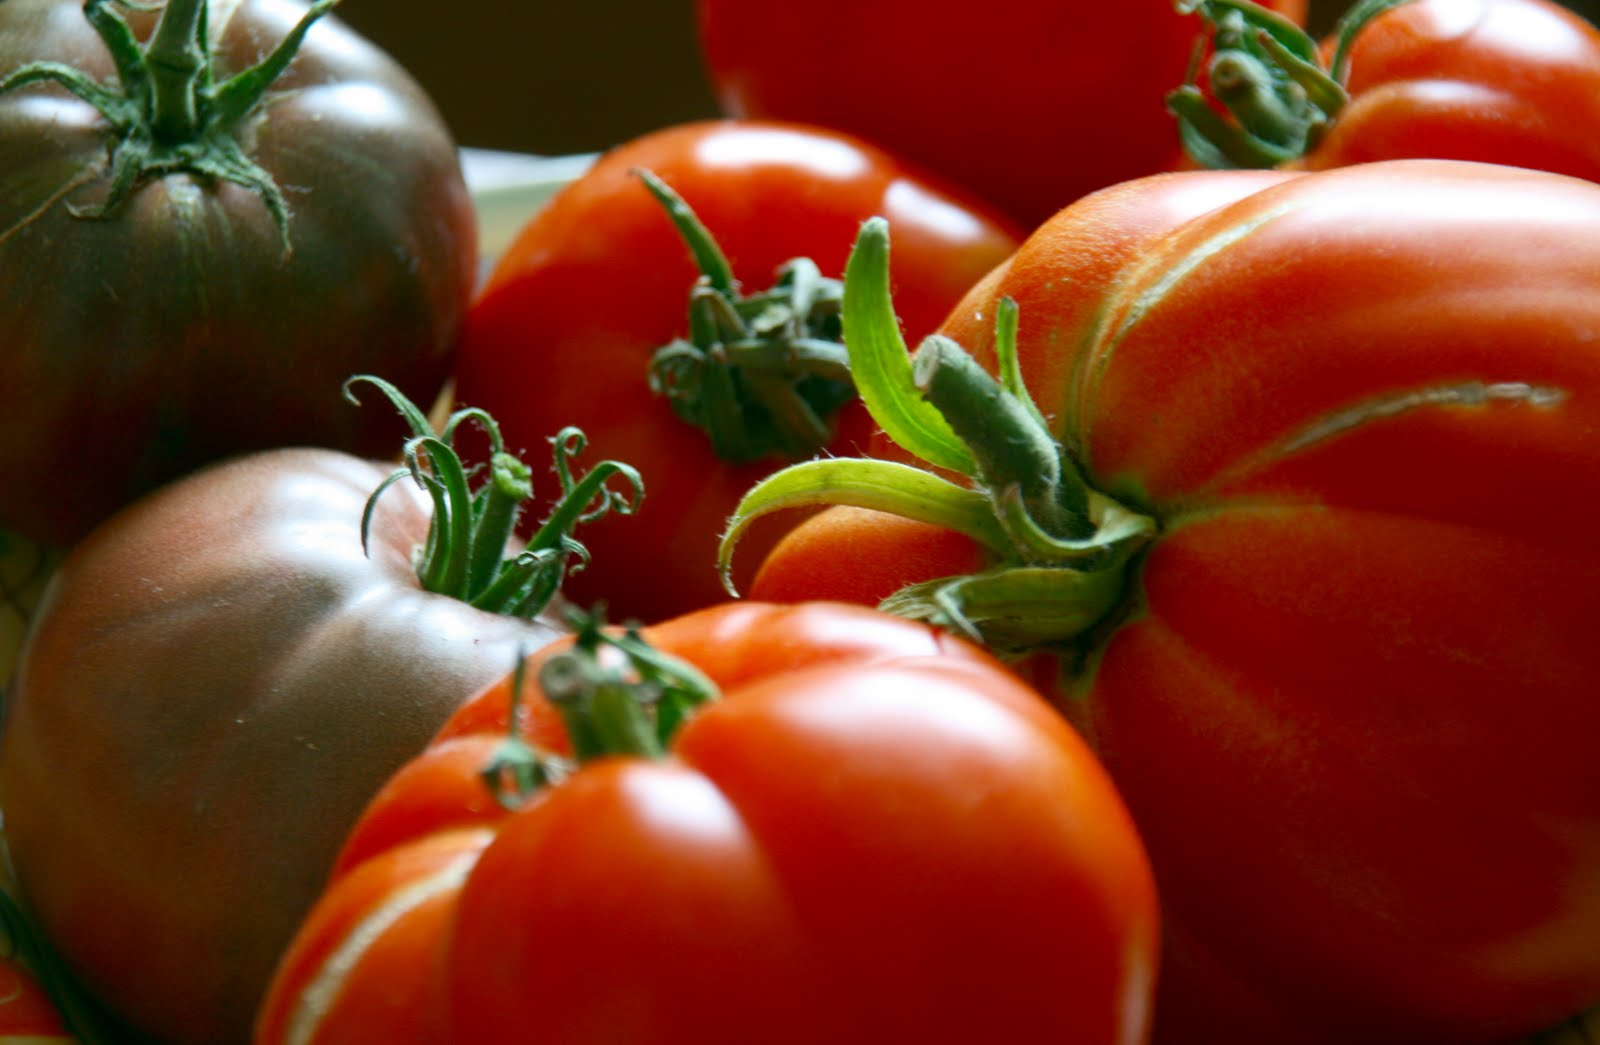 tomaten richtig lagern tomaten lagern so f hlen sich die roten vitaminkugeln am wohlsten emsa. Black Bedroom Furniture Sets. Home Design Ideas